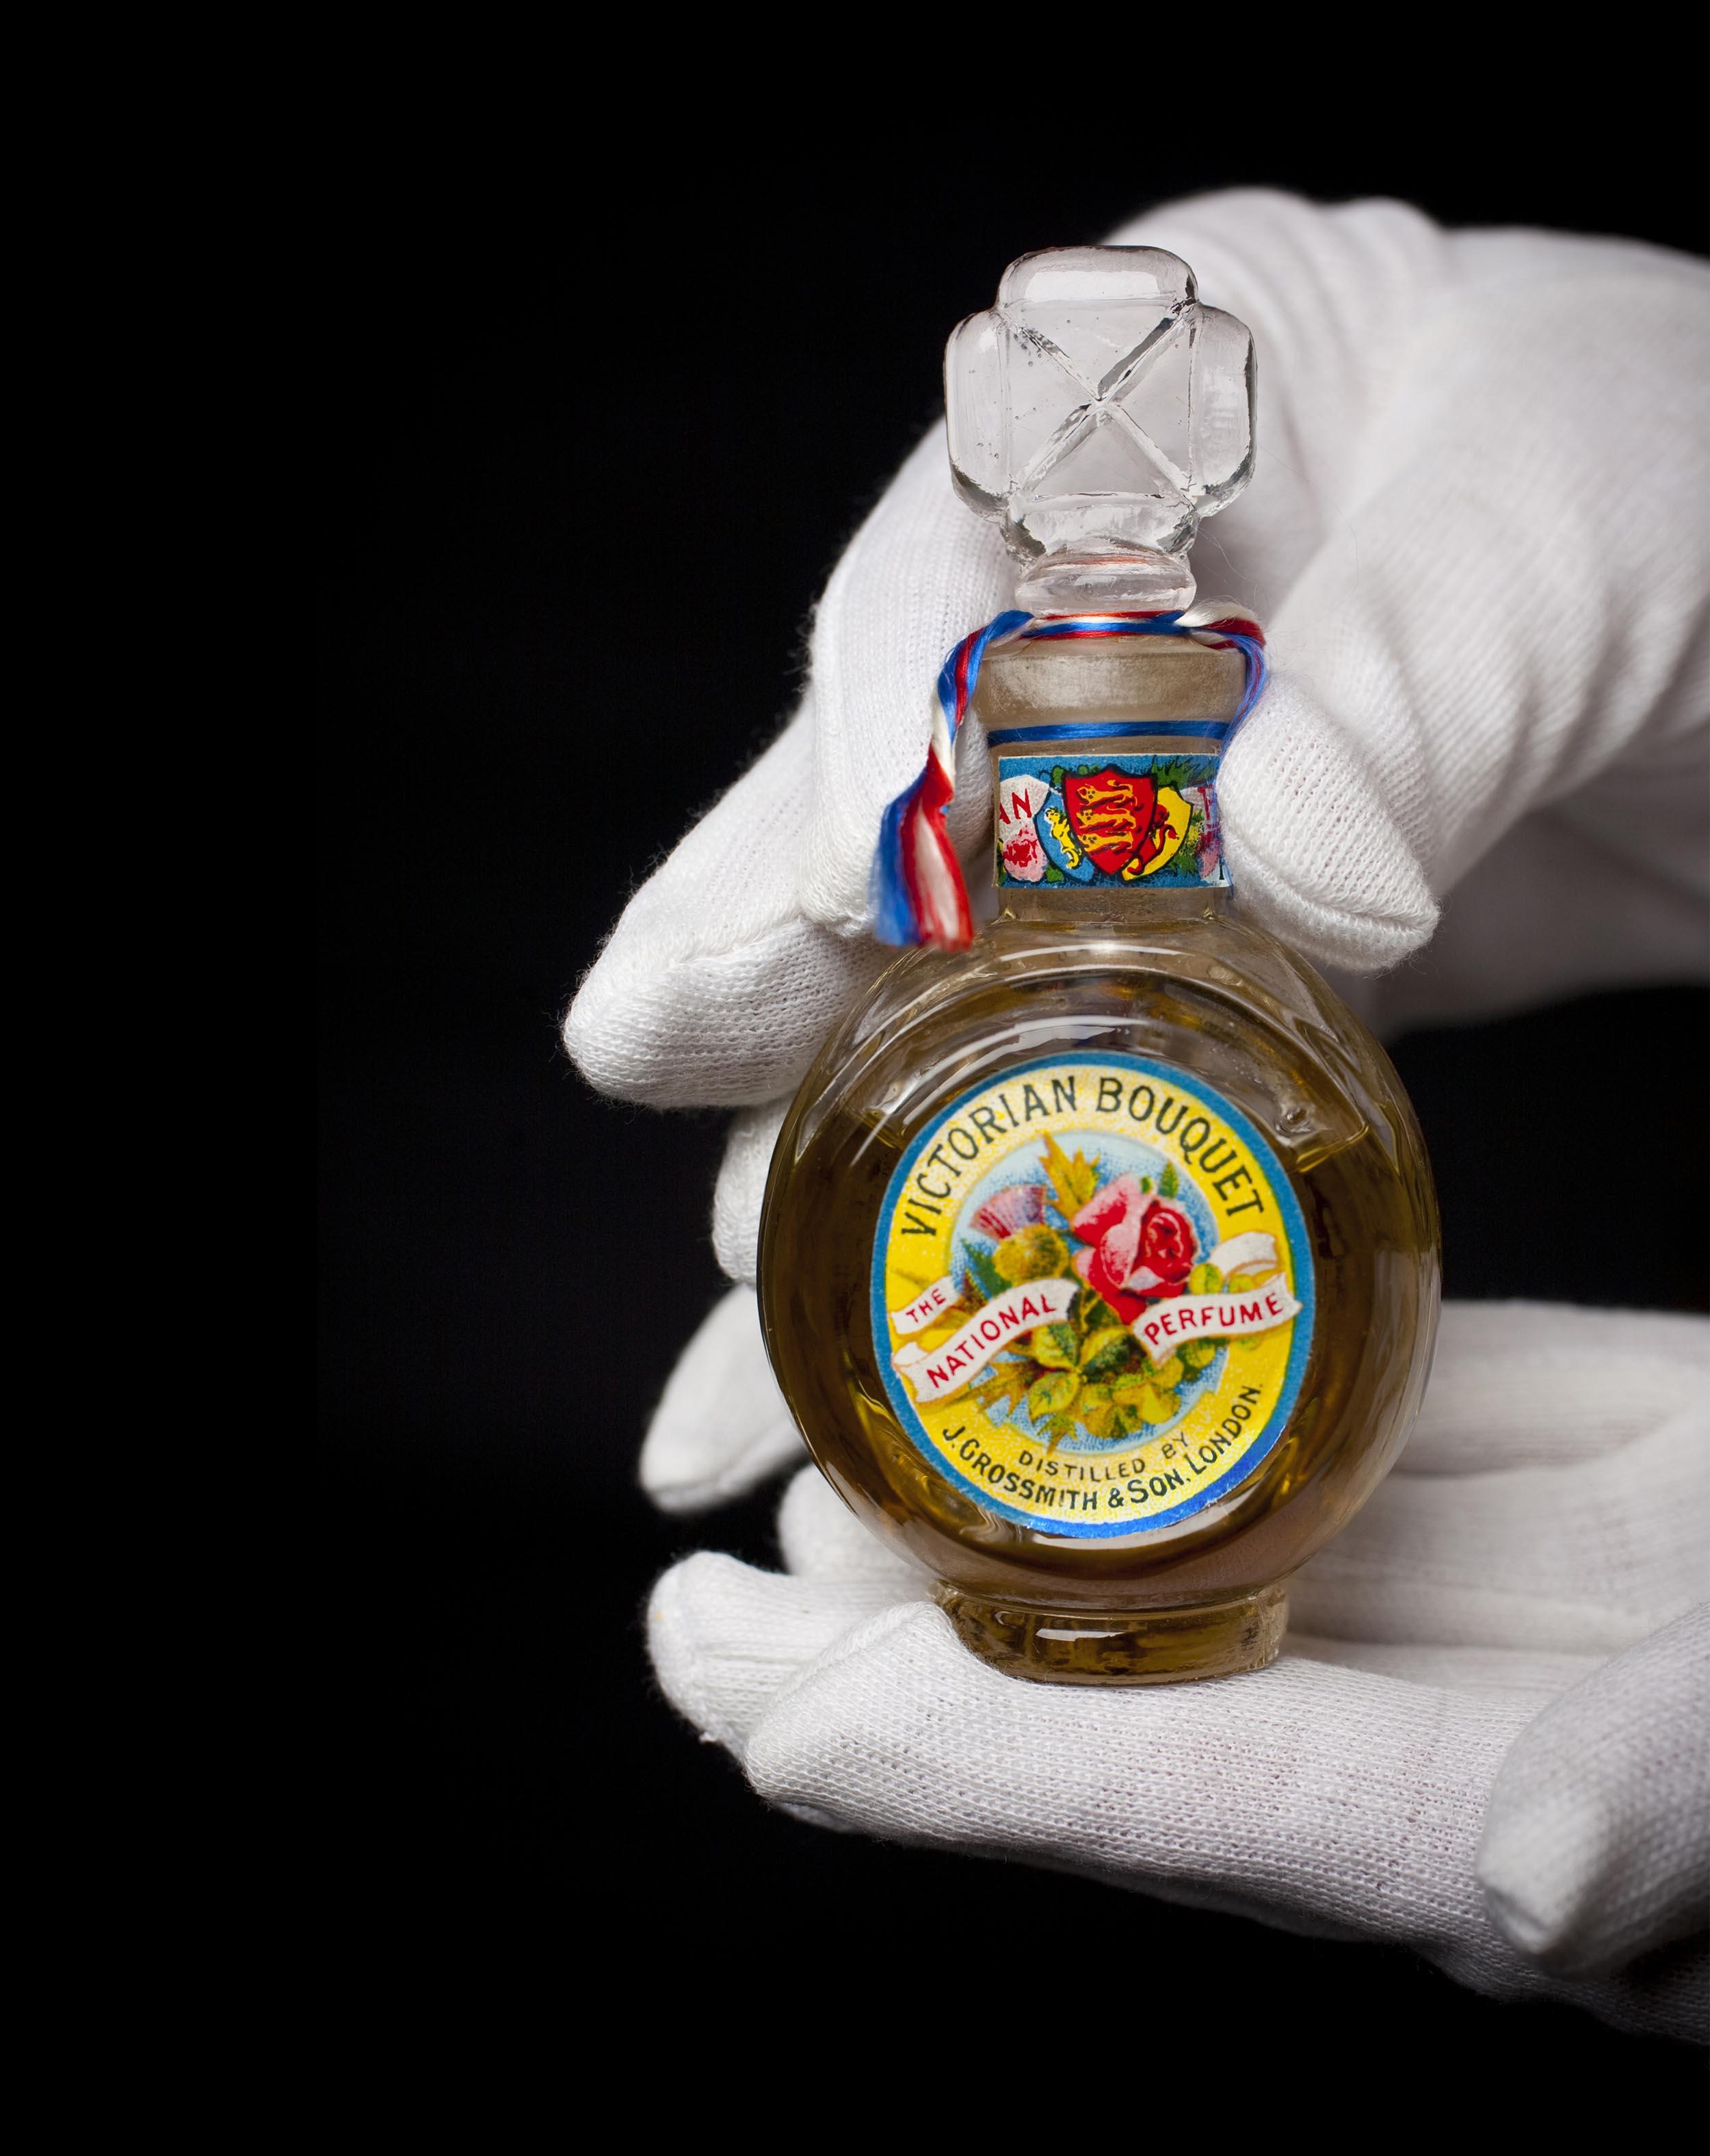 In 1897 Victorian Bouquet recognised Queen Victoria's Diamond Jubilee